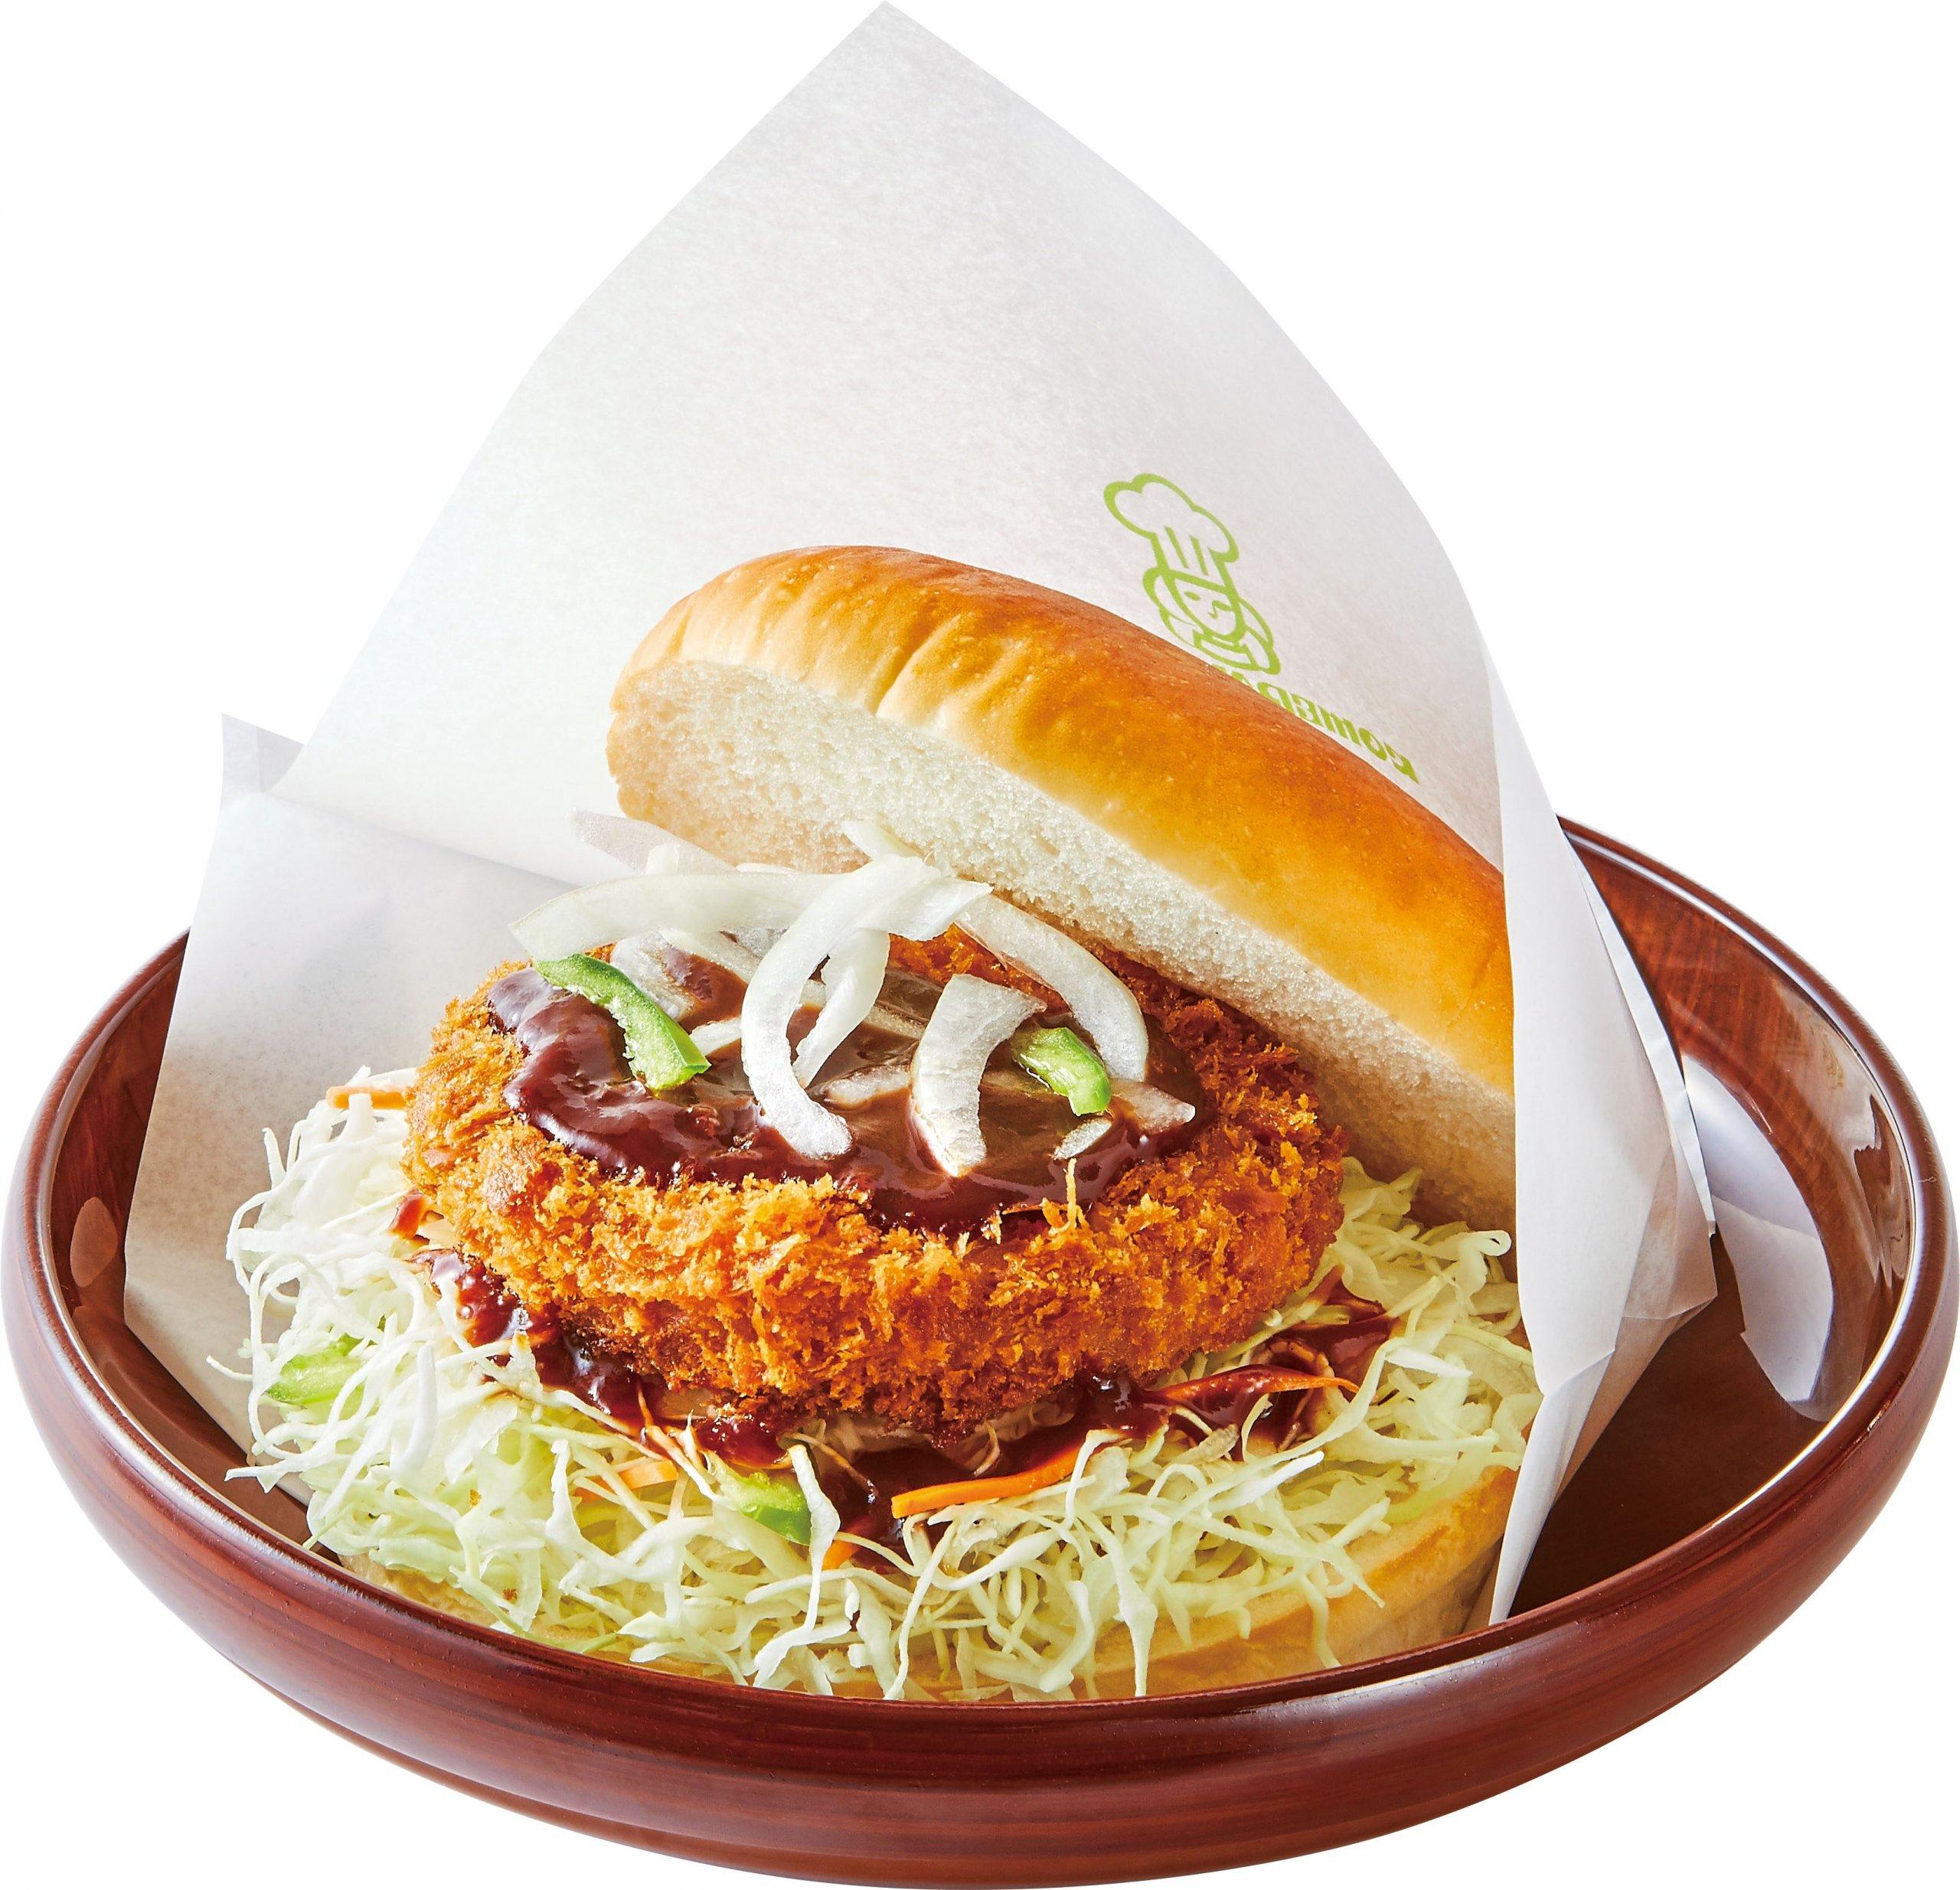 大豆ハムカツバーガー:580円~610円